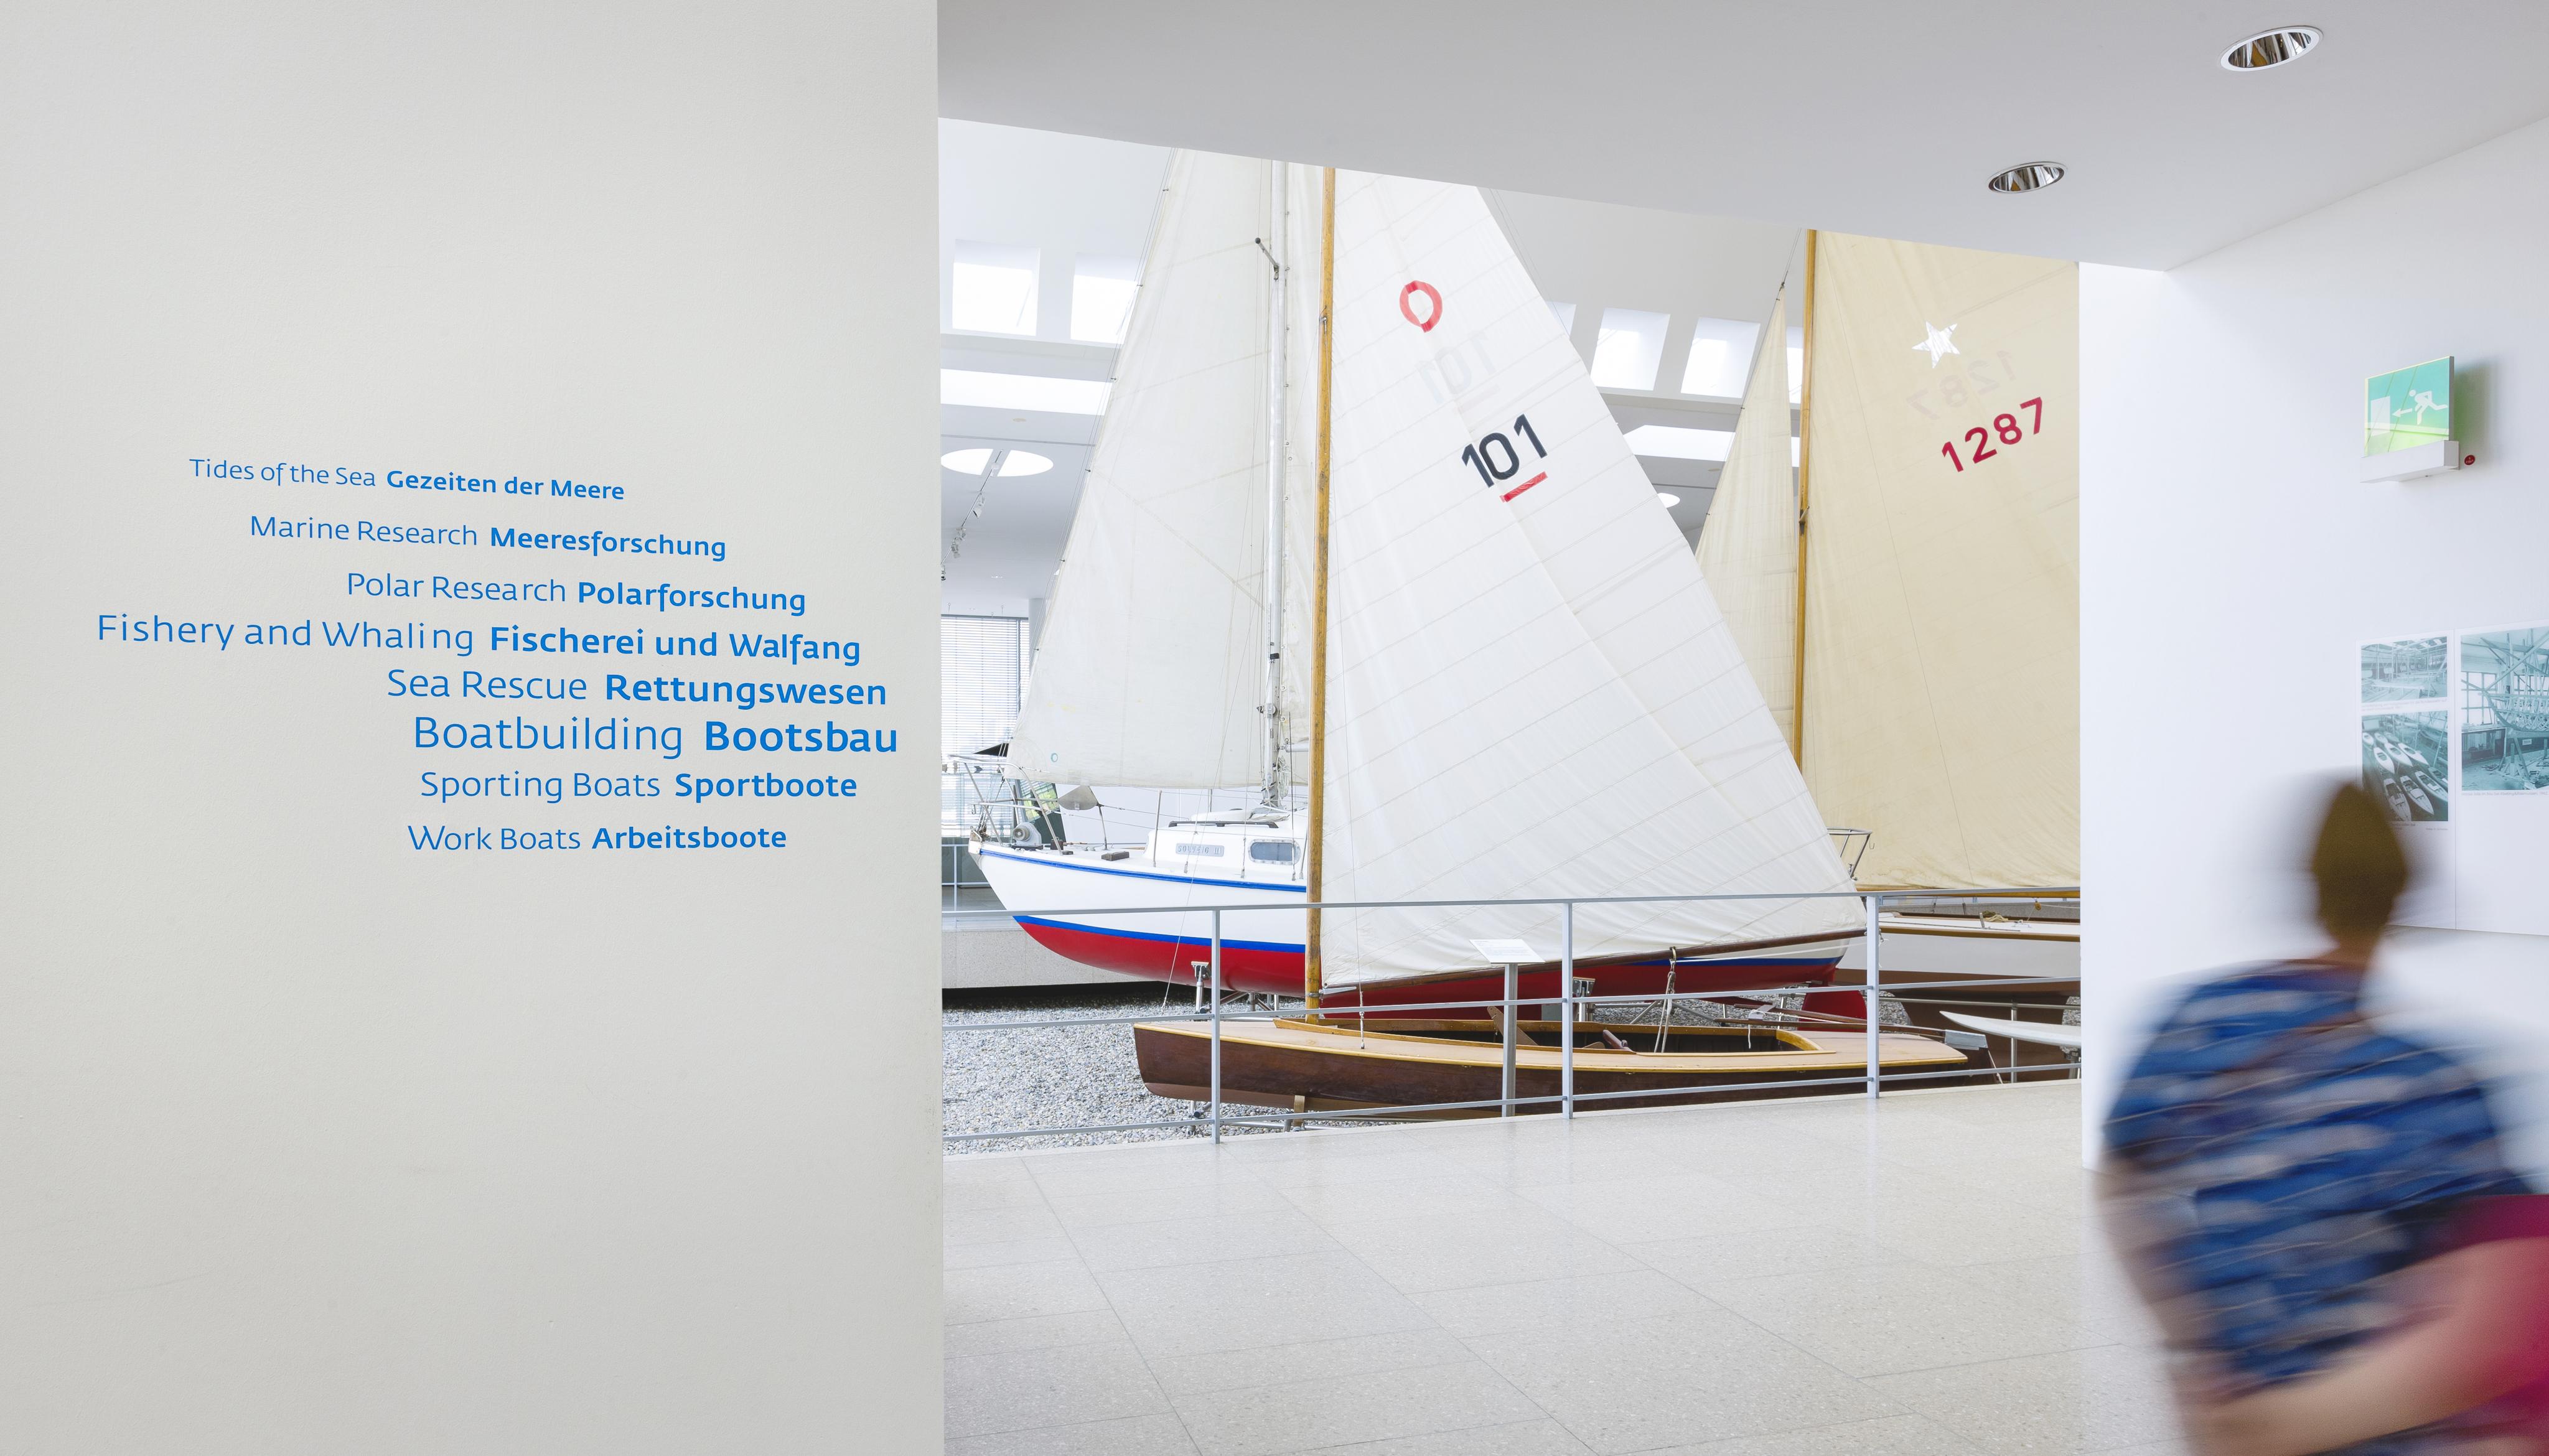 Leitsystem DSM Schifffahrtsmuseum Schwarm